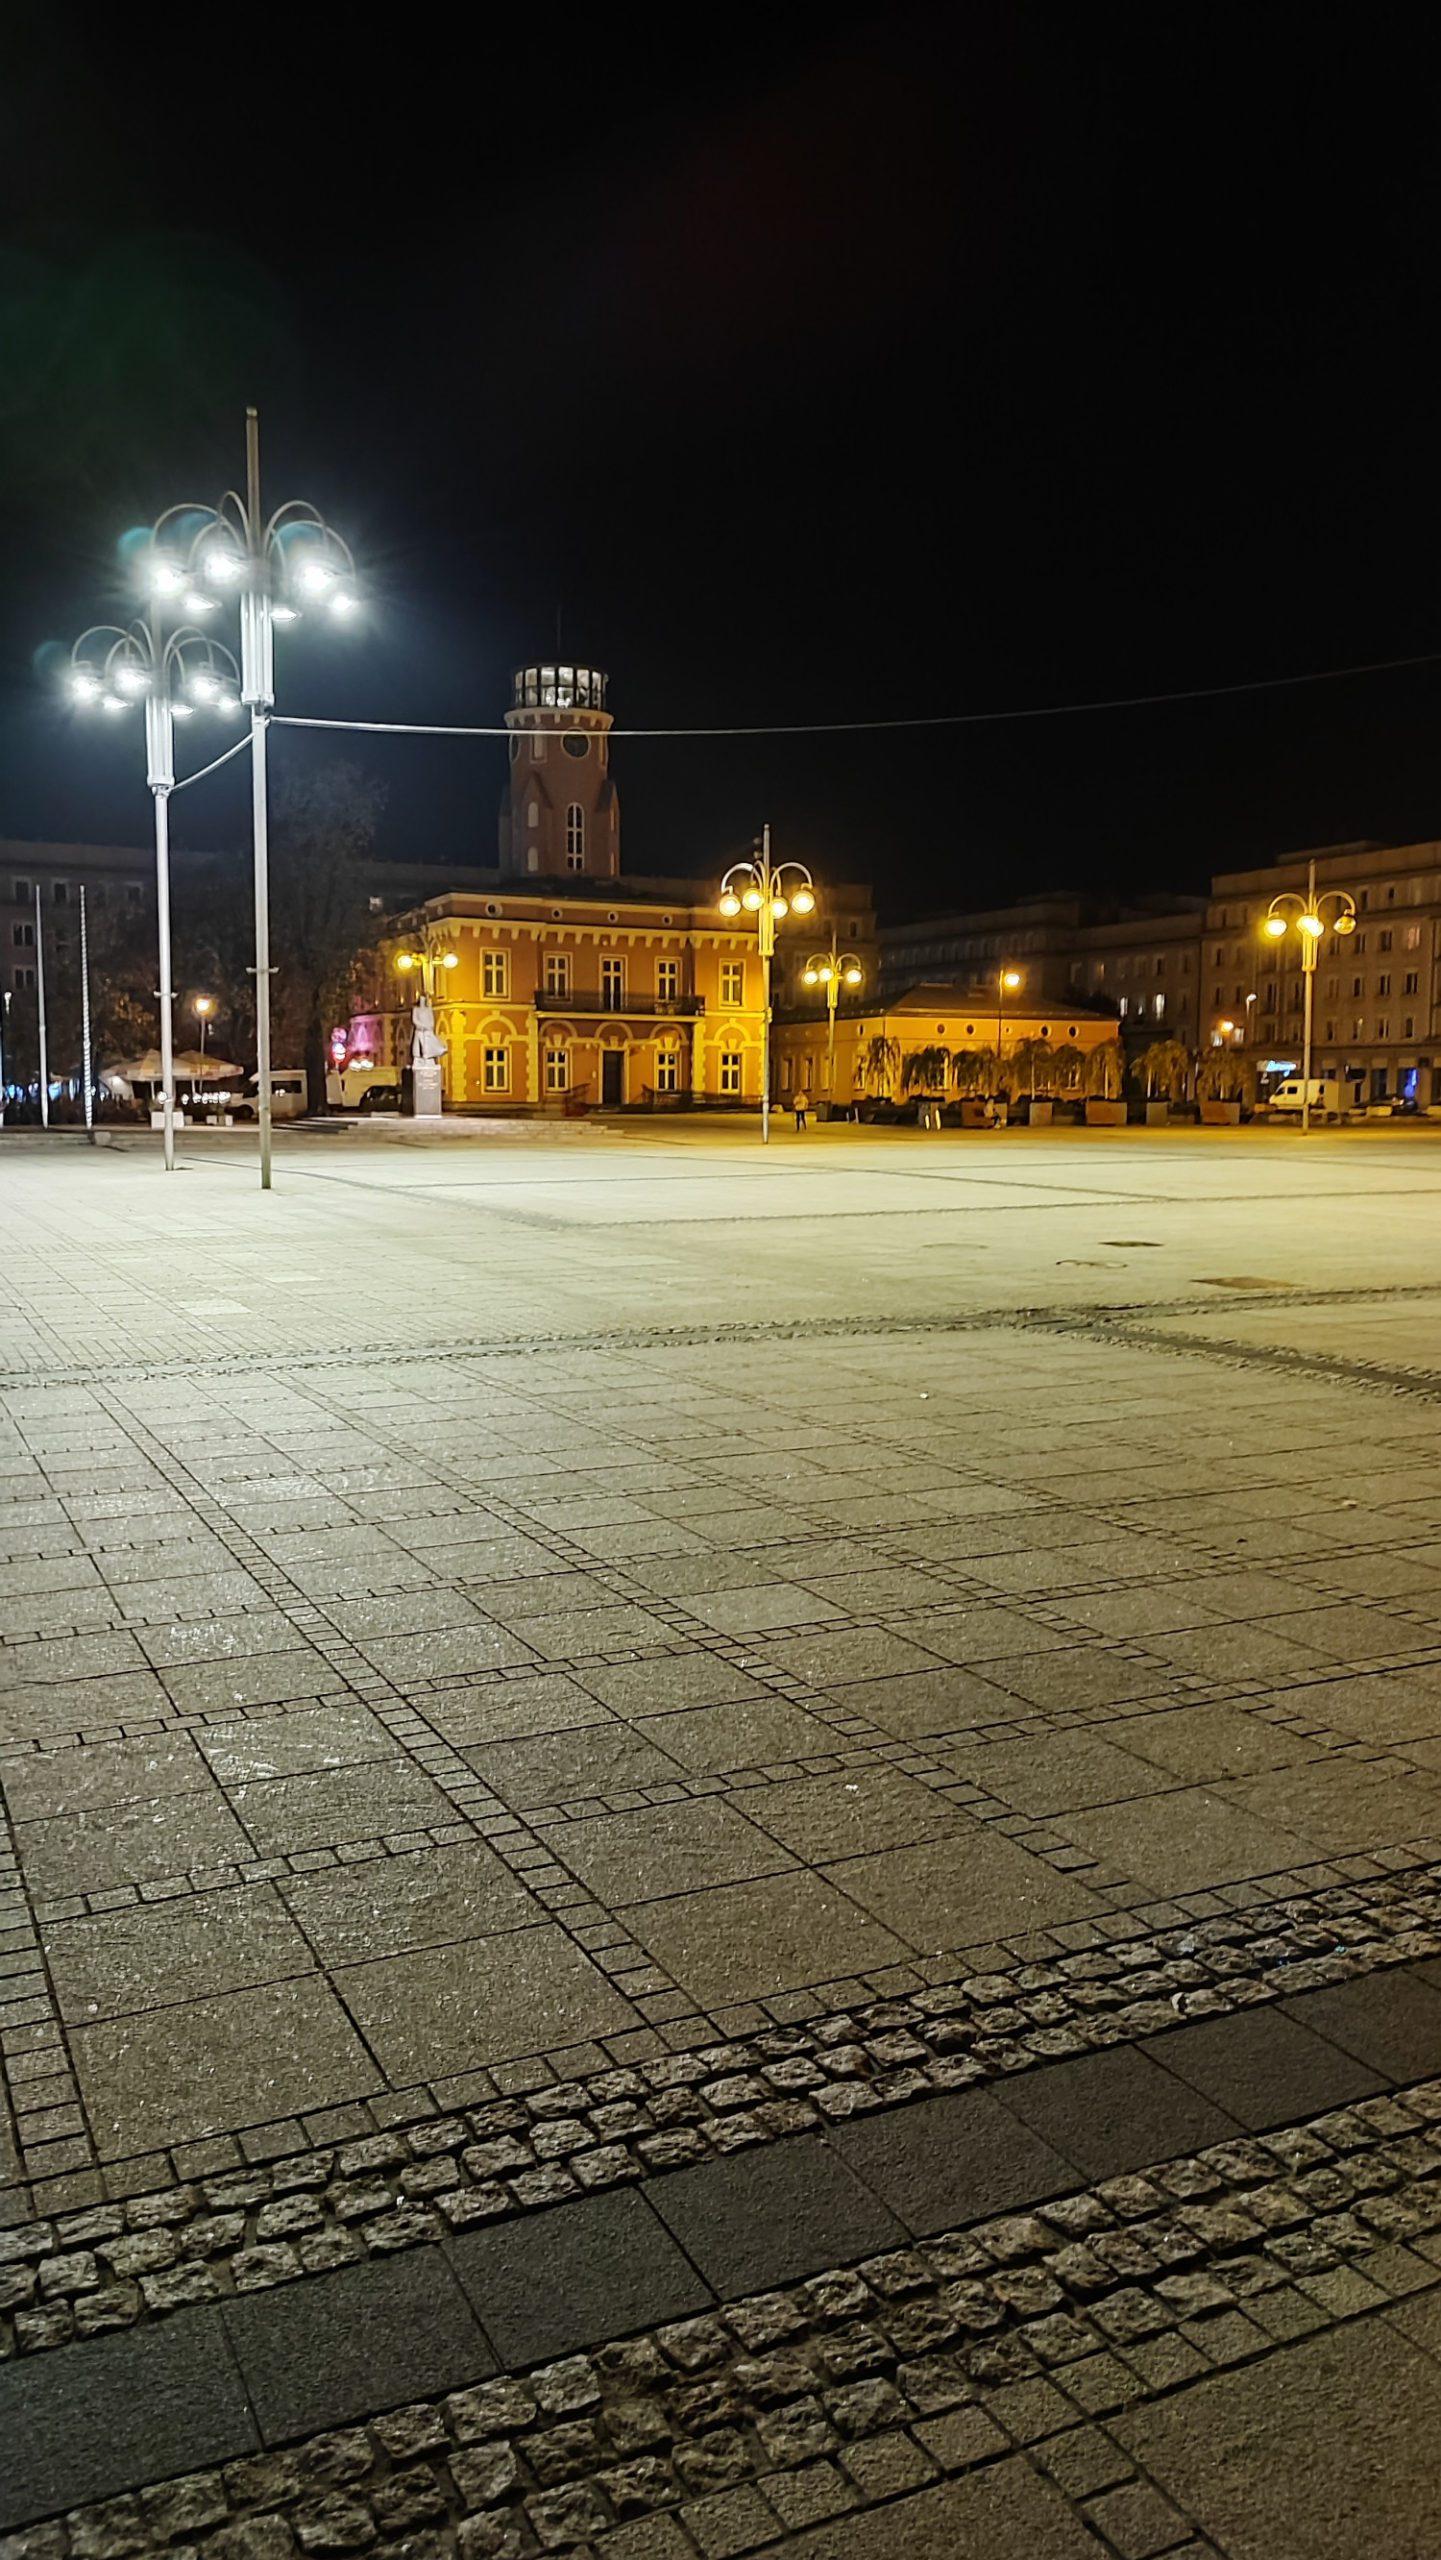 xiaomi 11t pro zdjęcie nocne placu